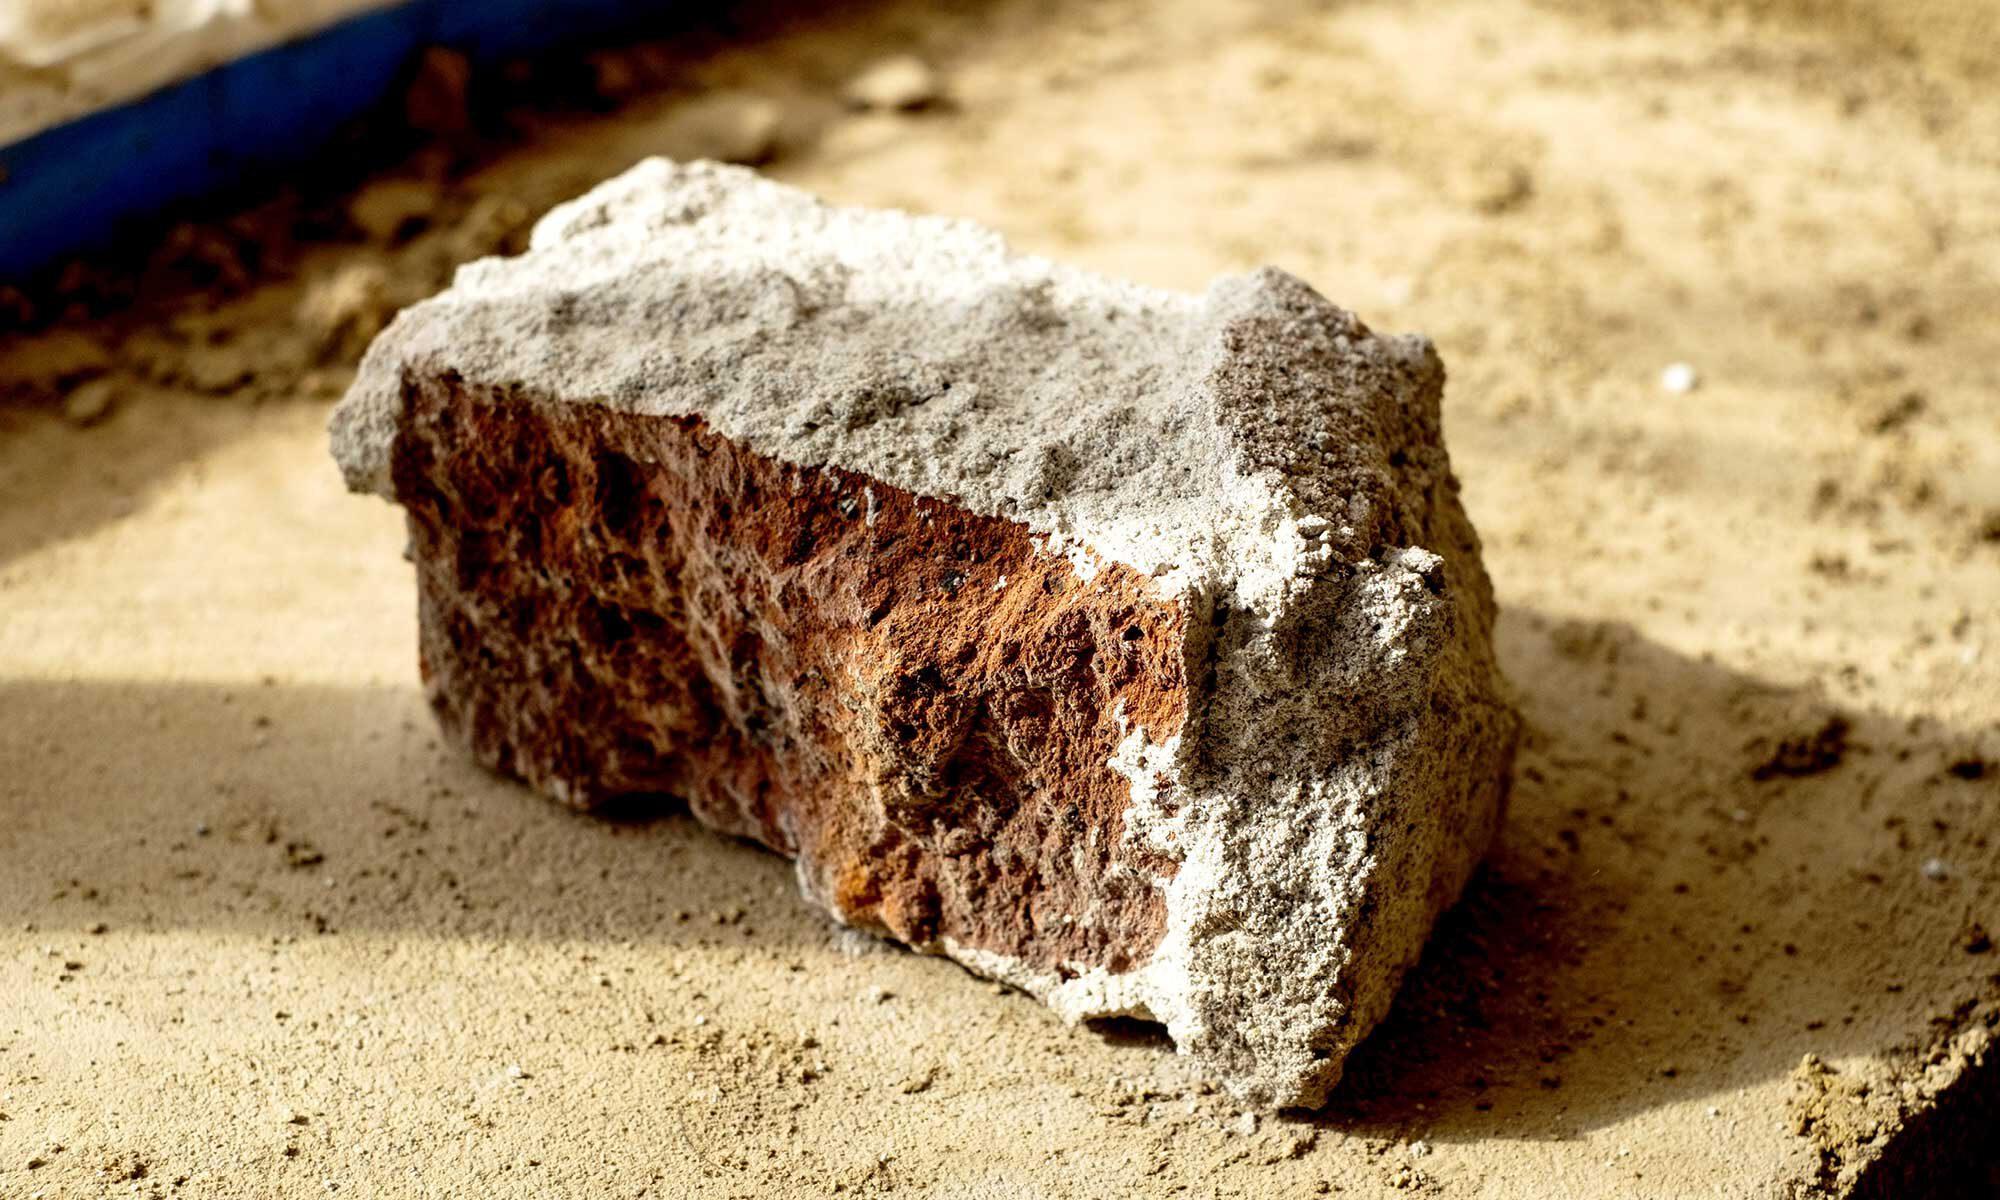 Backstein auf Sand